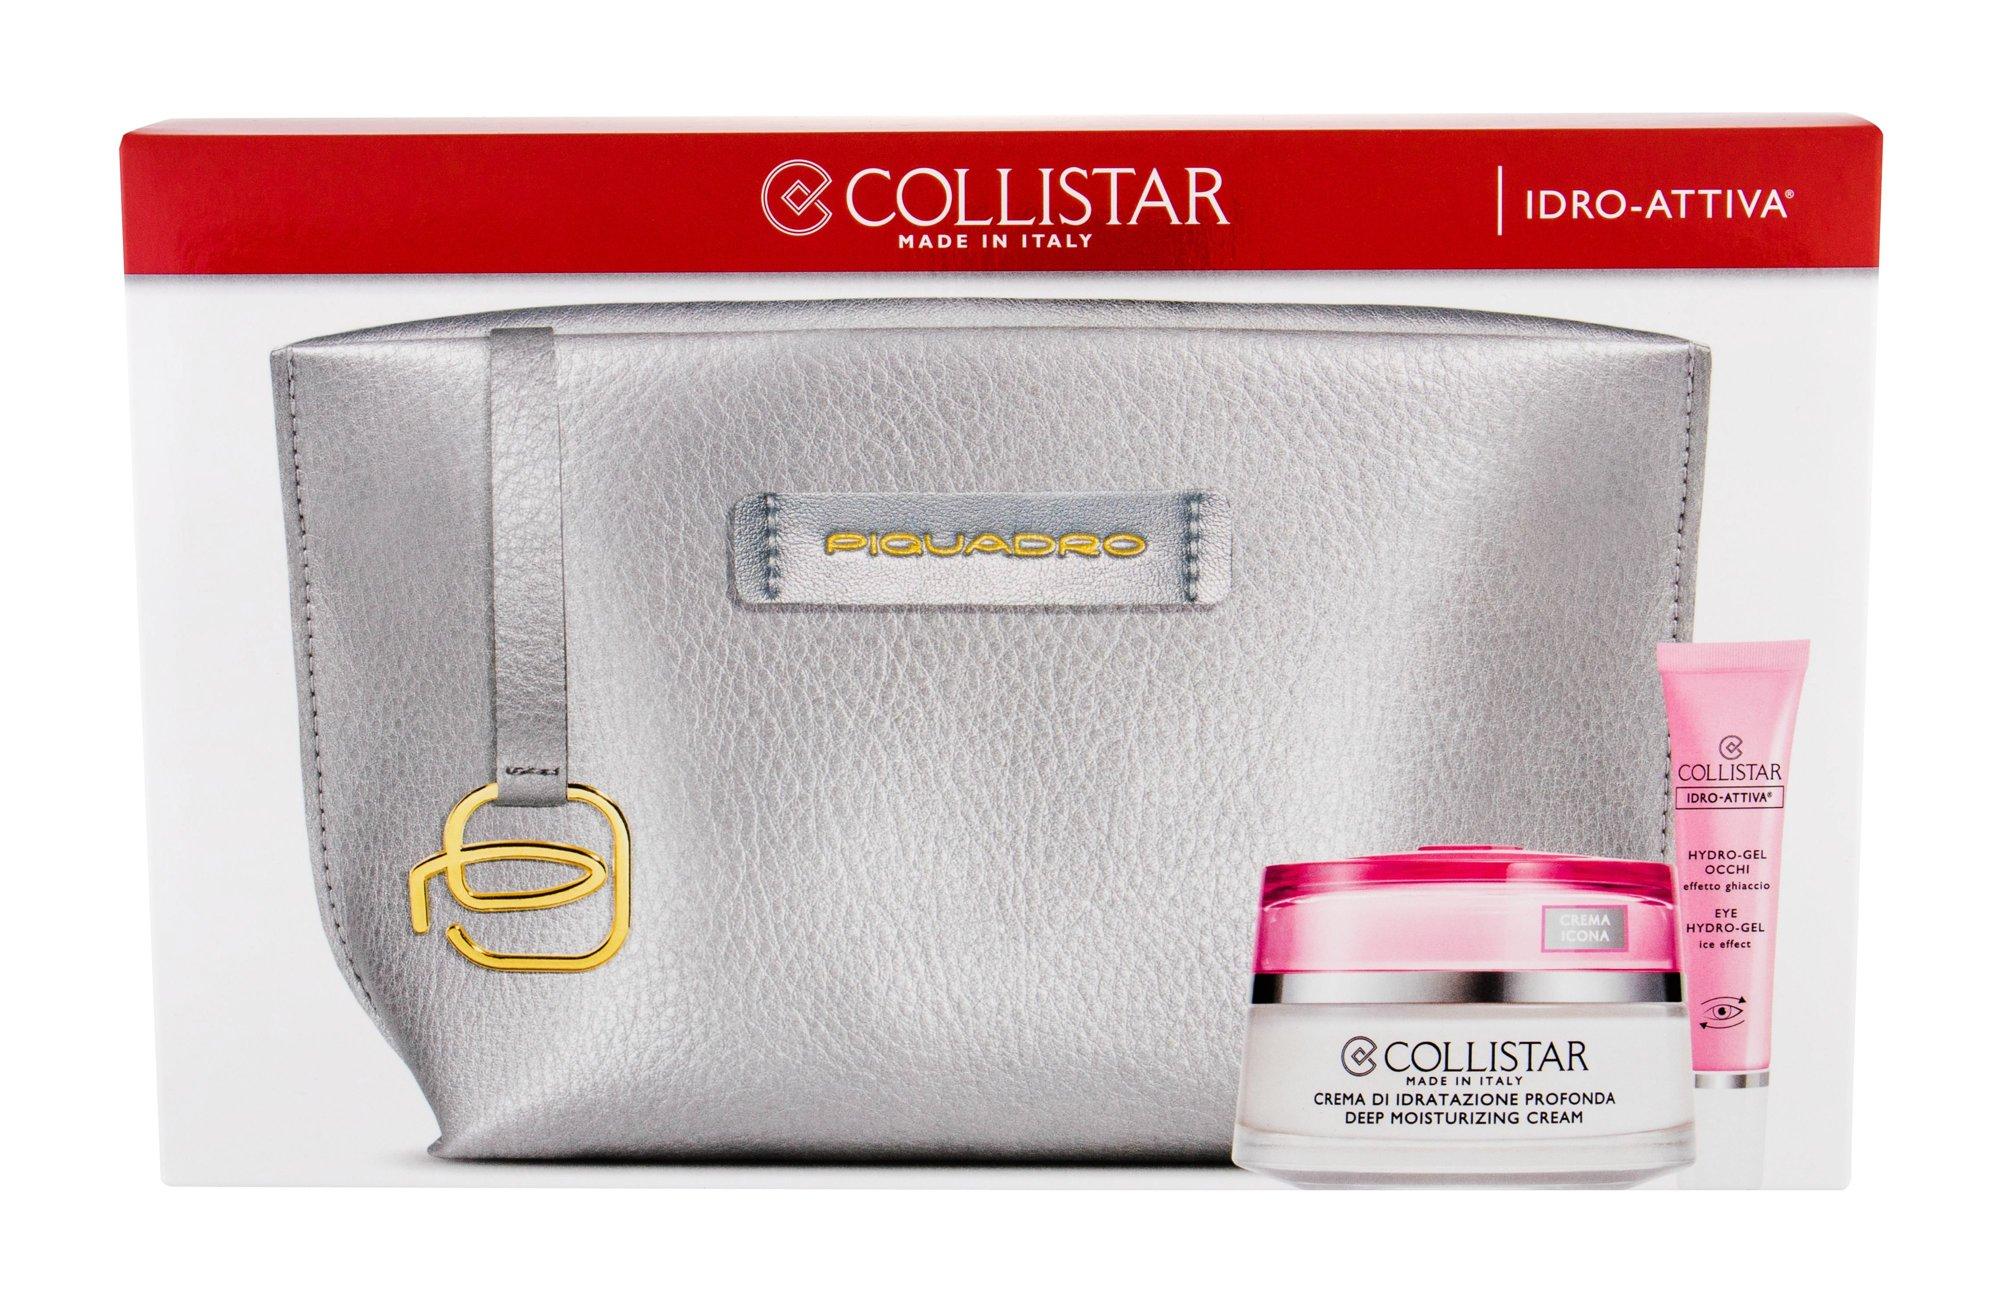 Collistar Idro-Attiva Day Cream 50ml